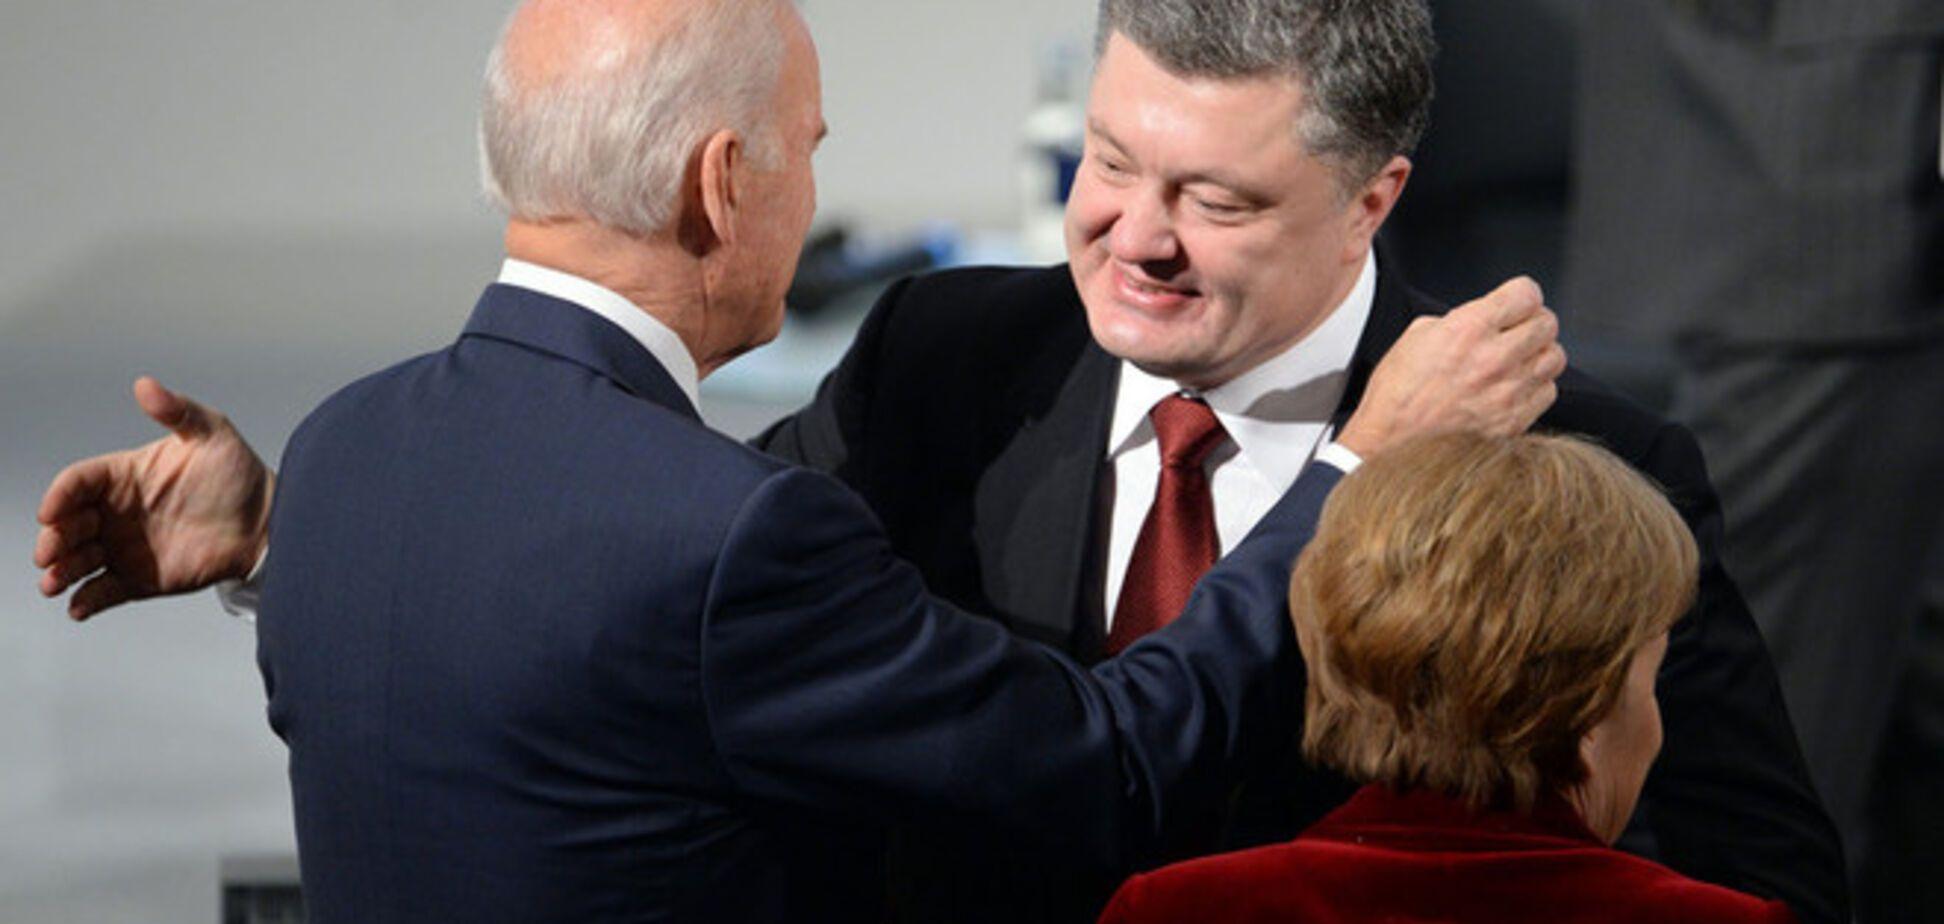 Вице-президент США о Путине: мы все можем стать жертвами агрессии